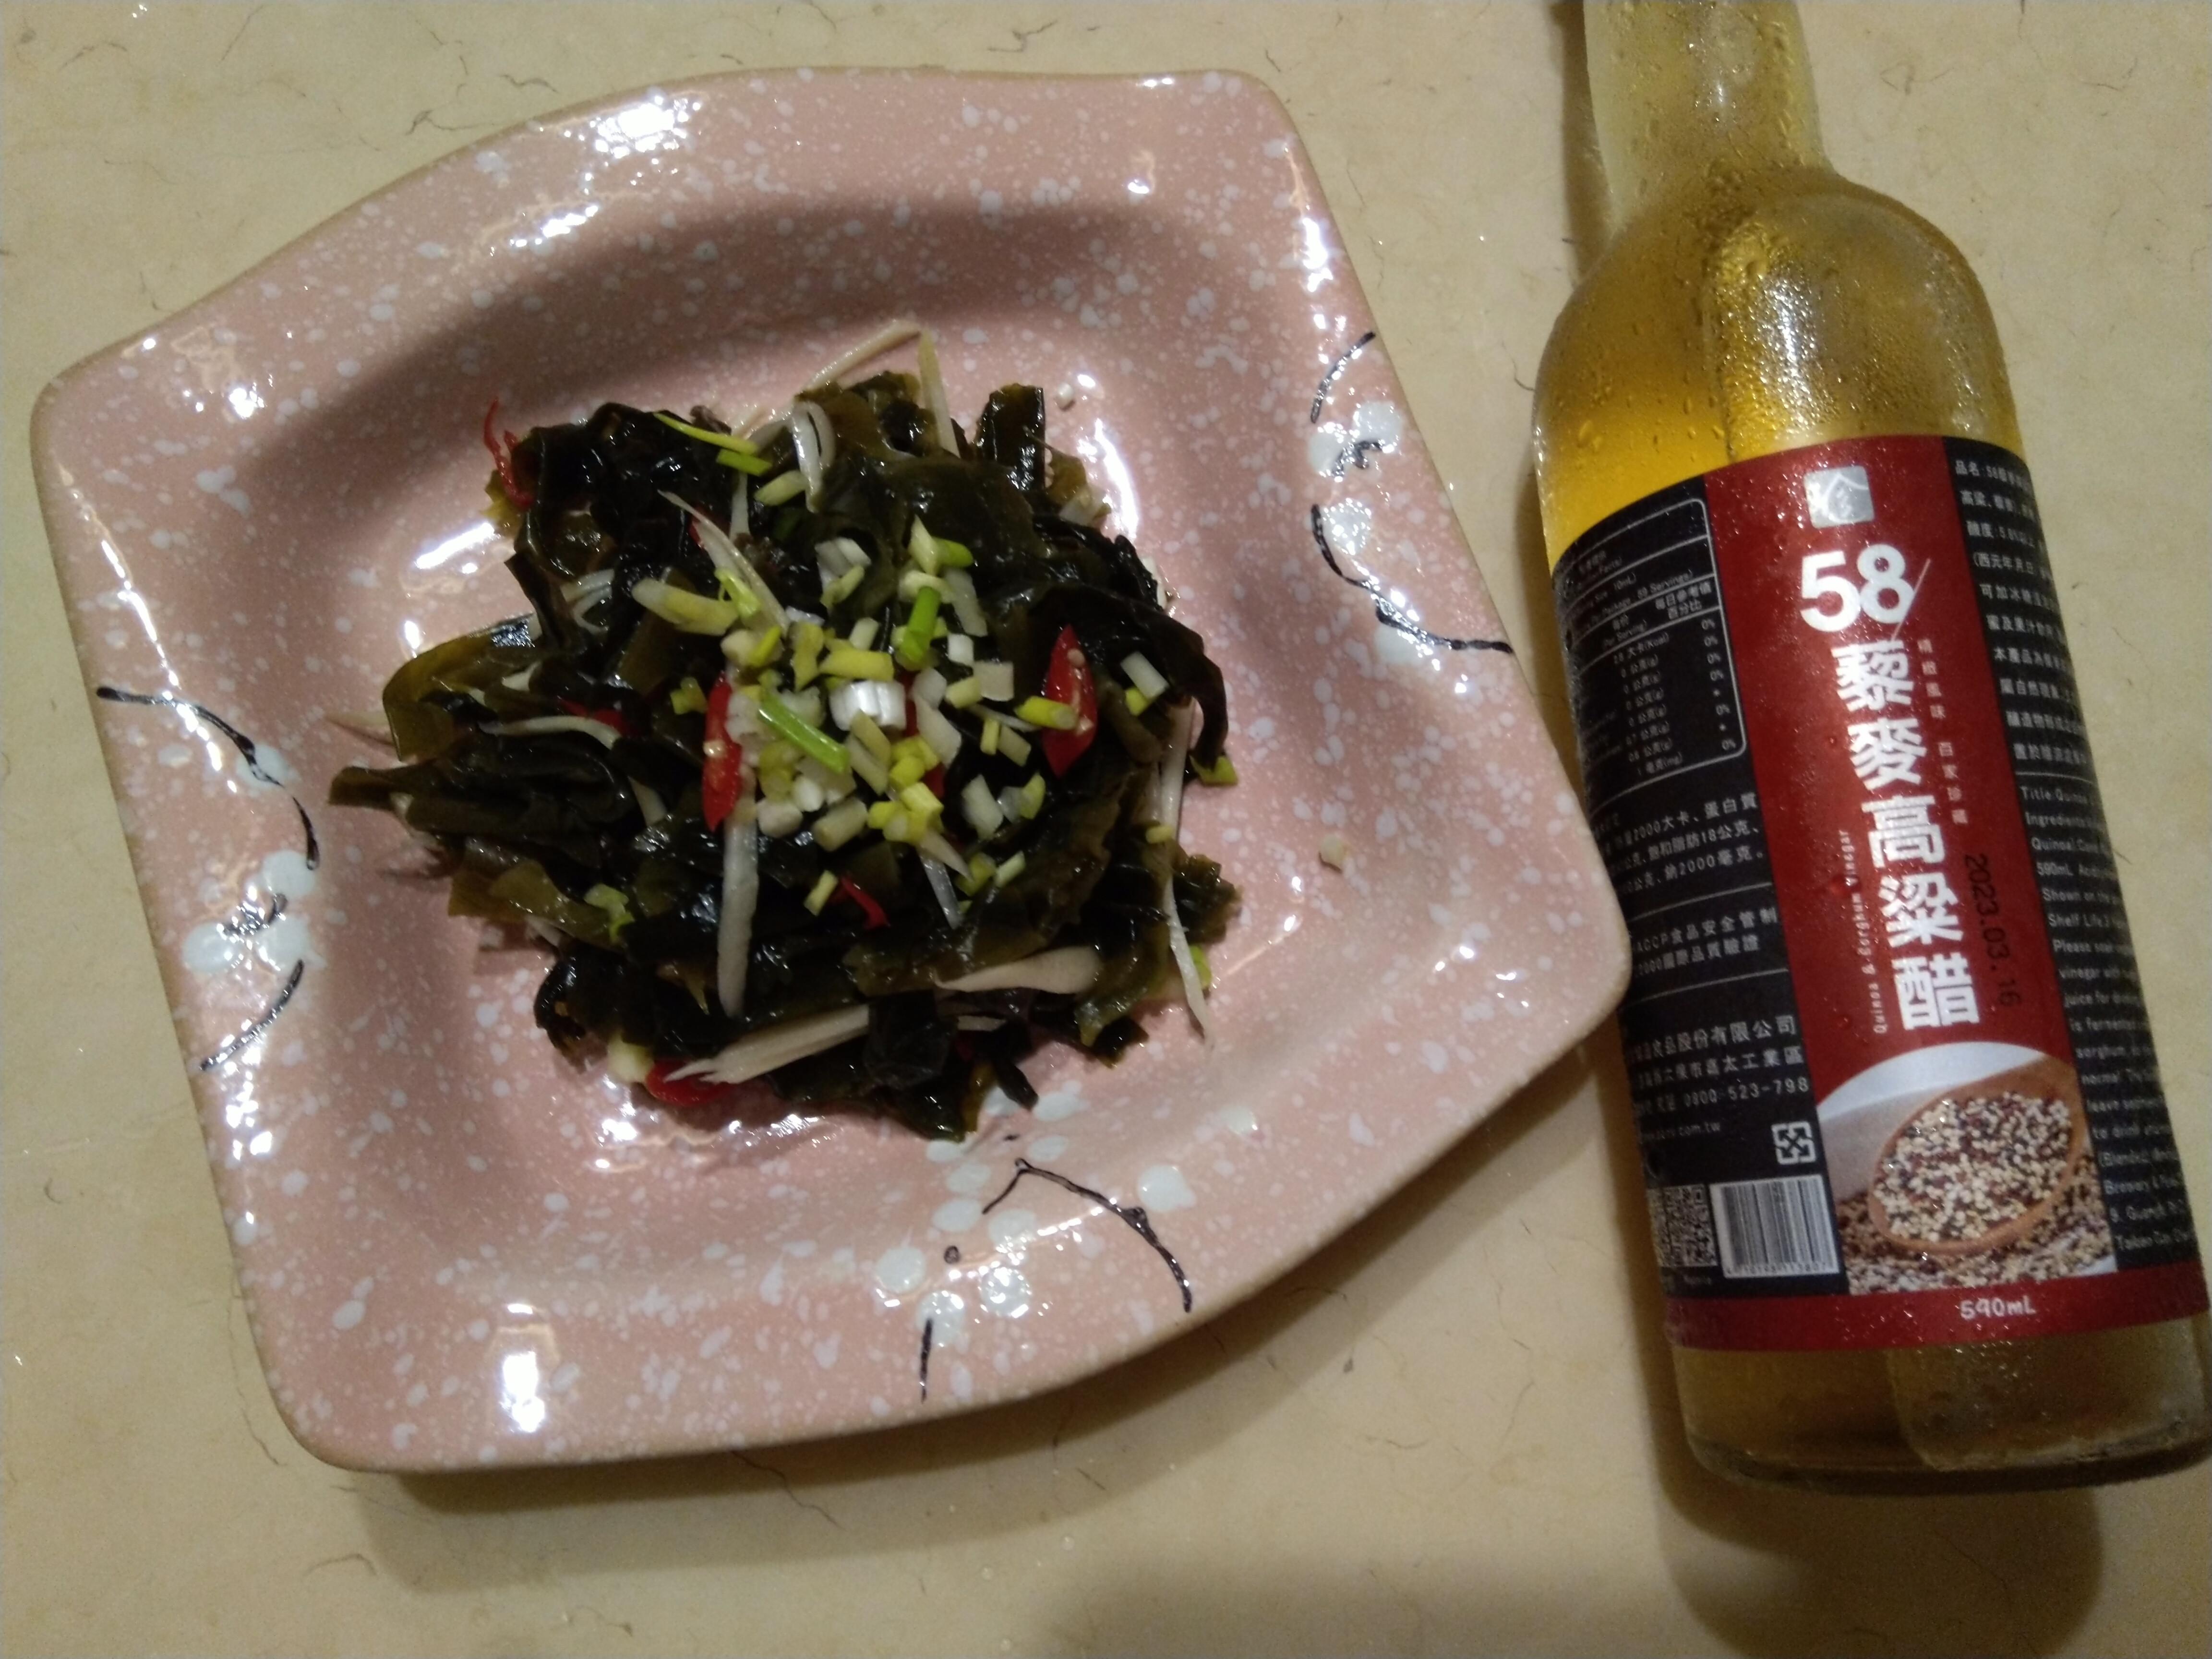 涼拌裙帶芽【58藜麥高粱醋】